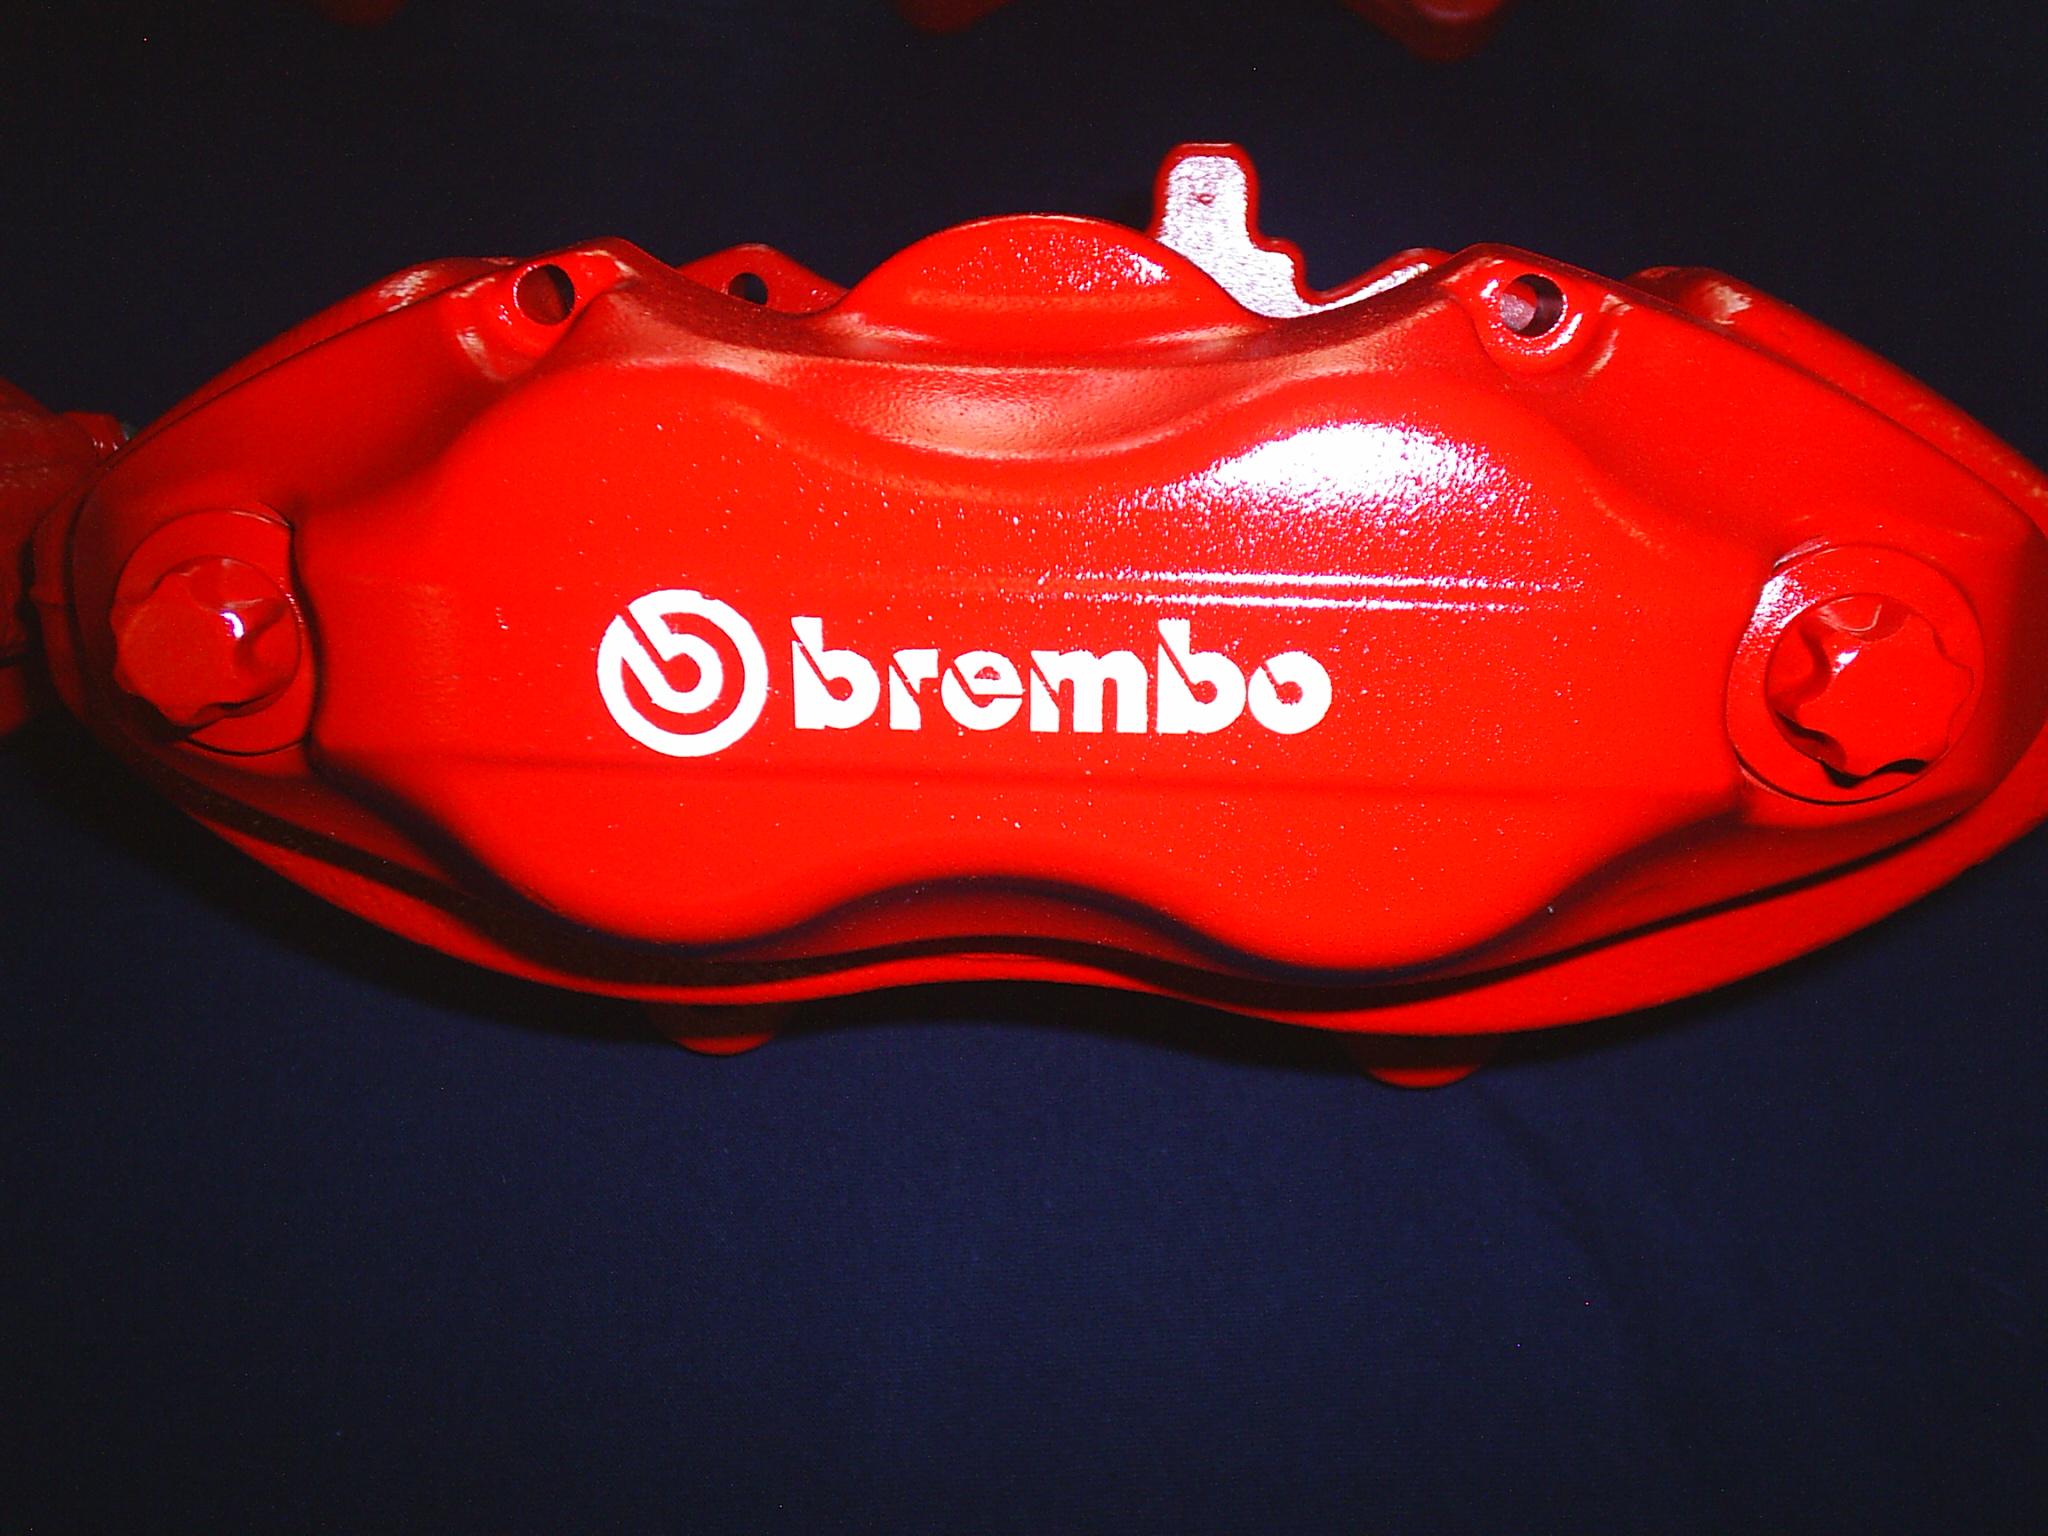 brembo9